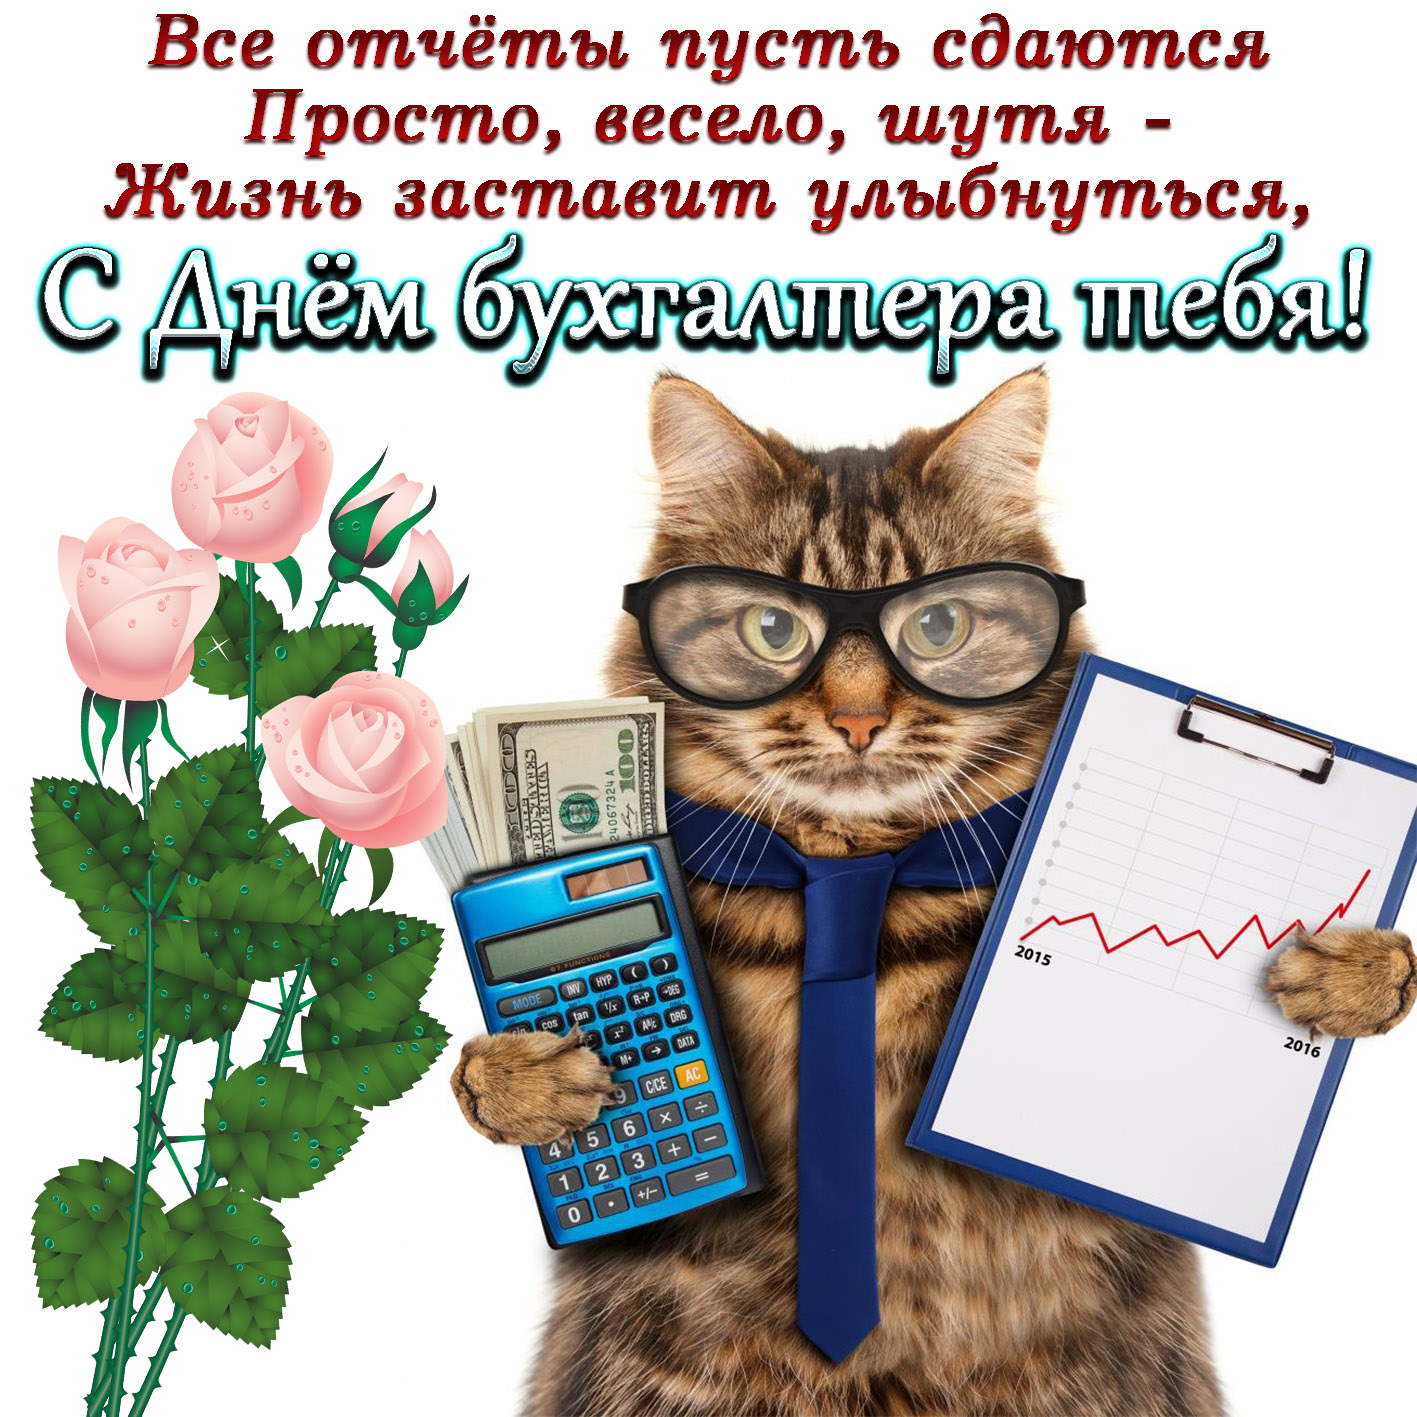 Картинка бухгалтерии прикольные, открытка